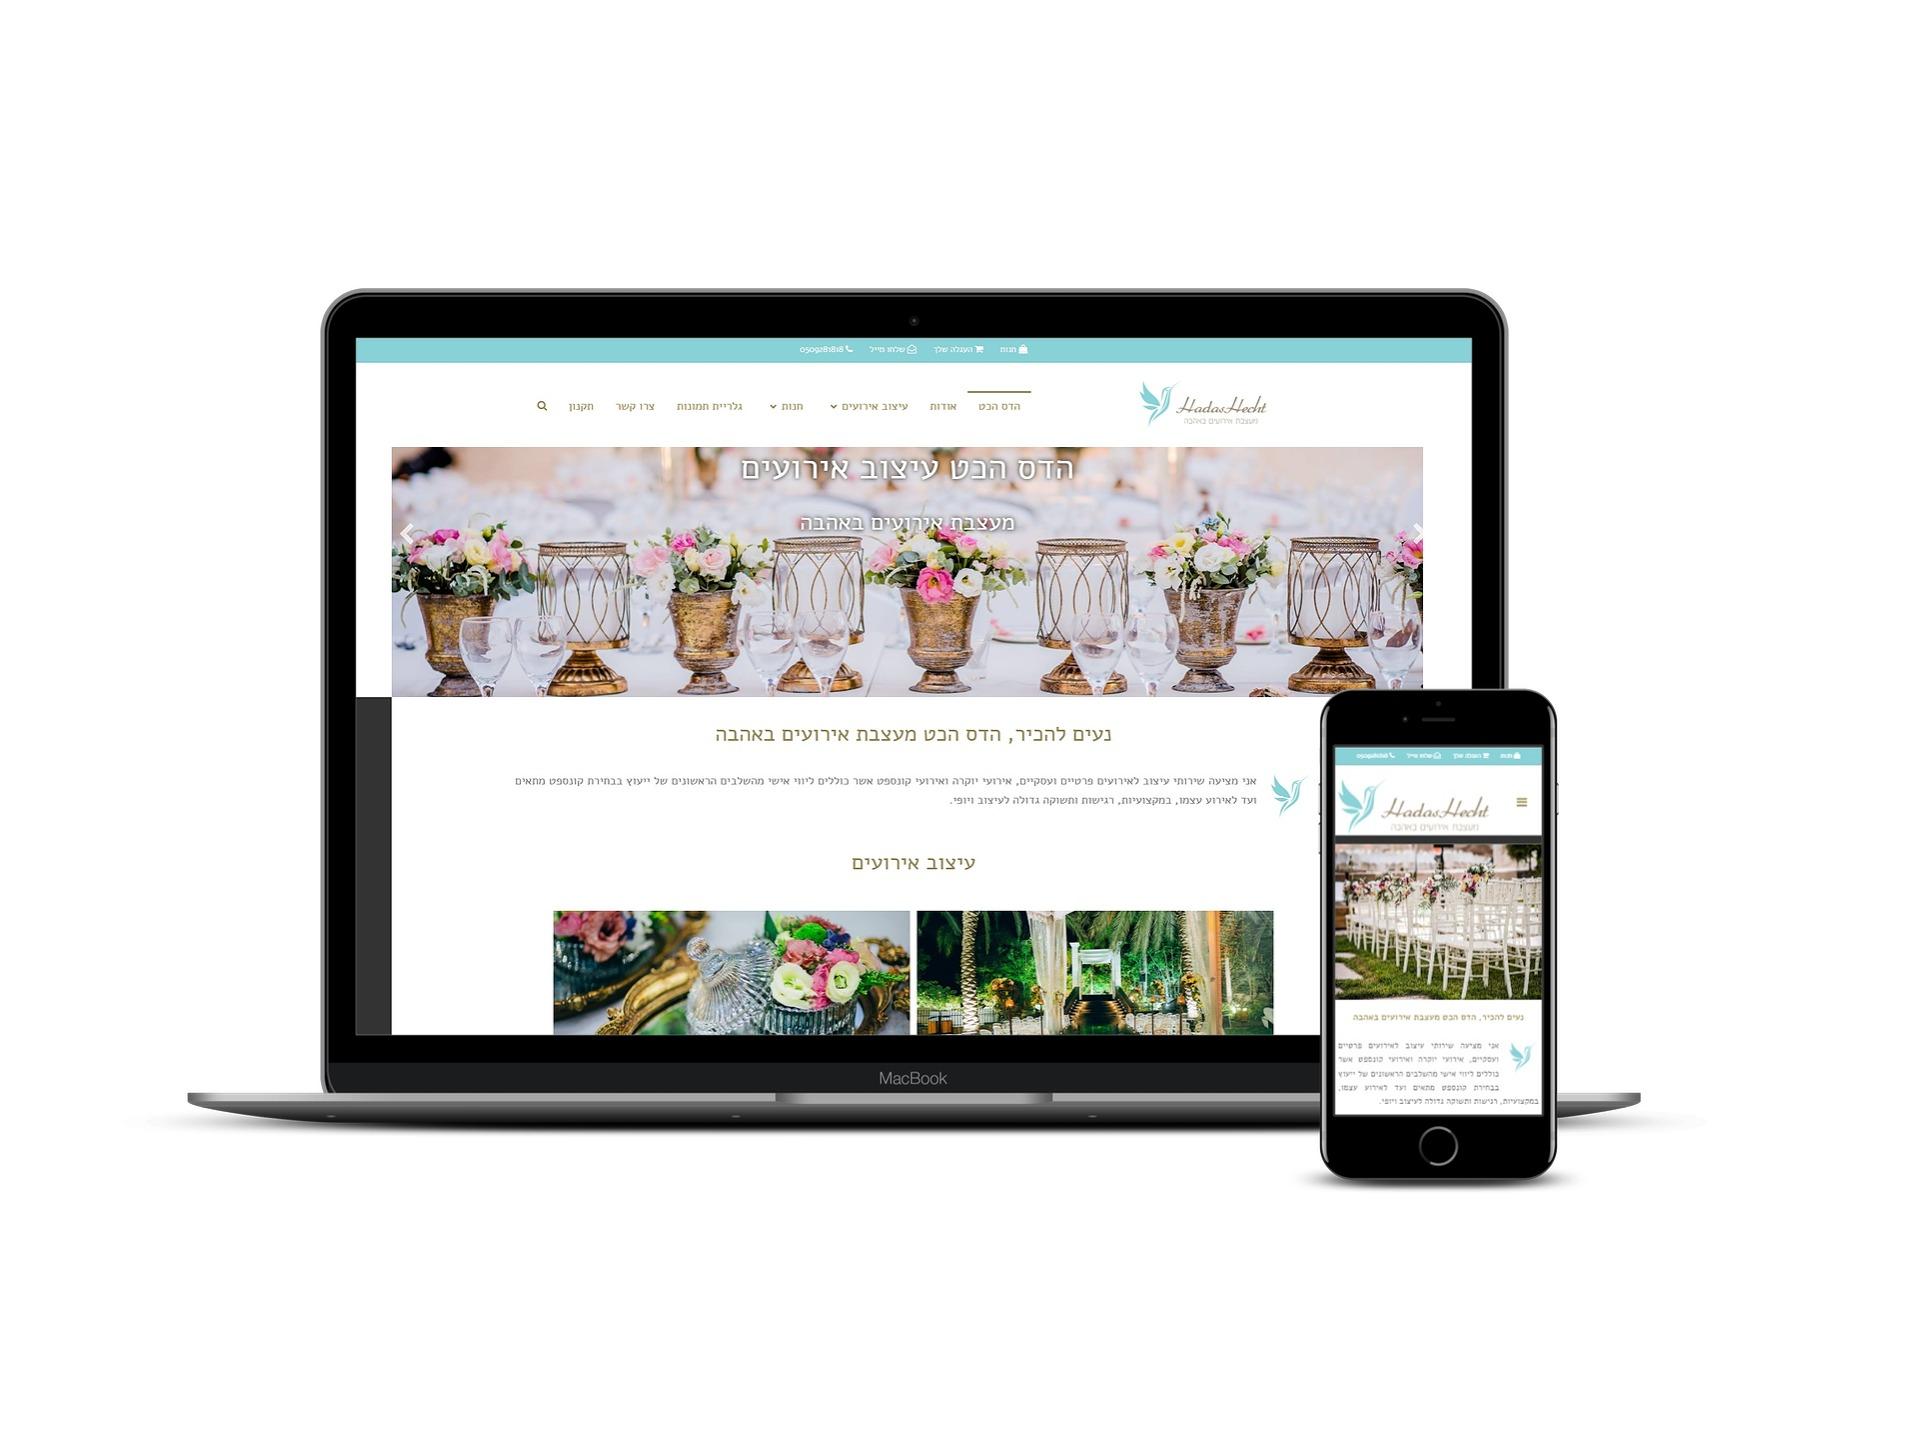 בניית אתר אינטרנט עבור הדס הכט עיצוב אירועים